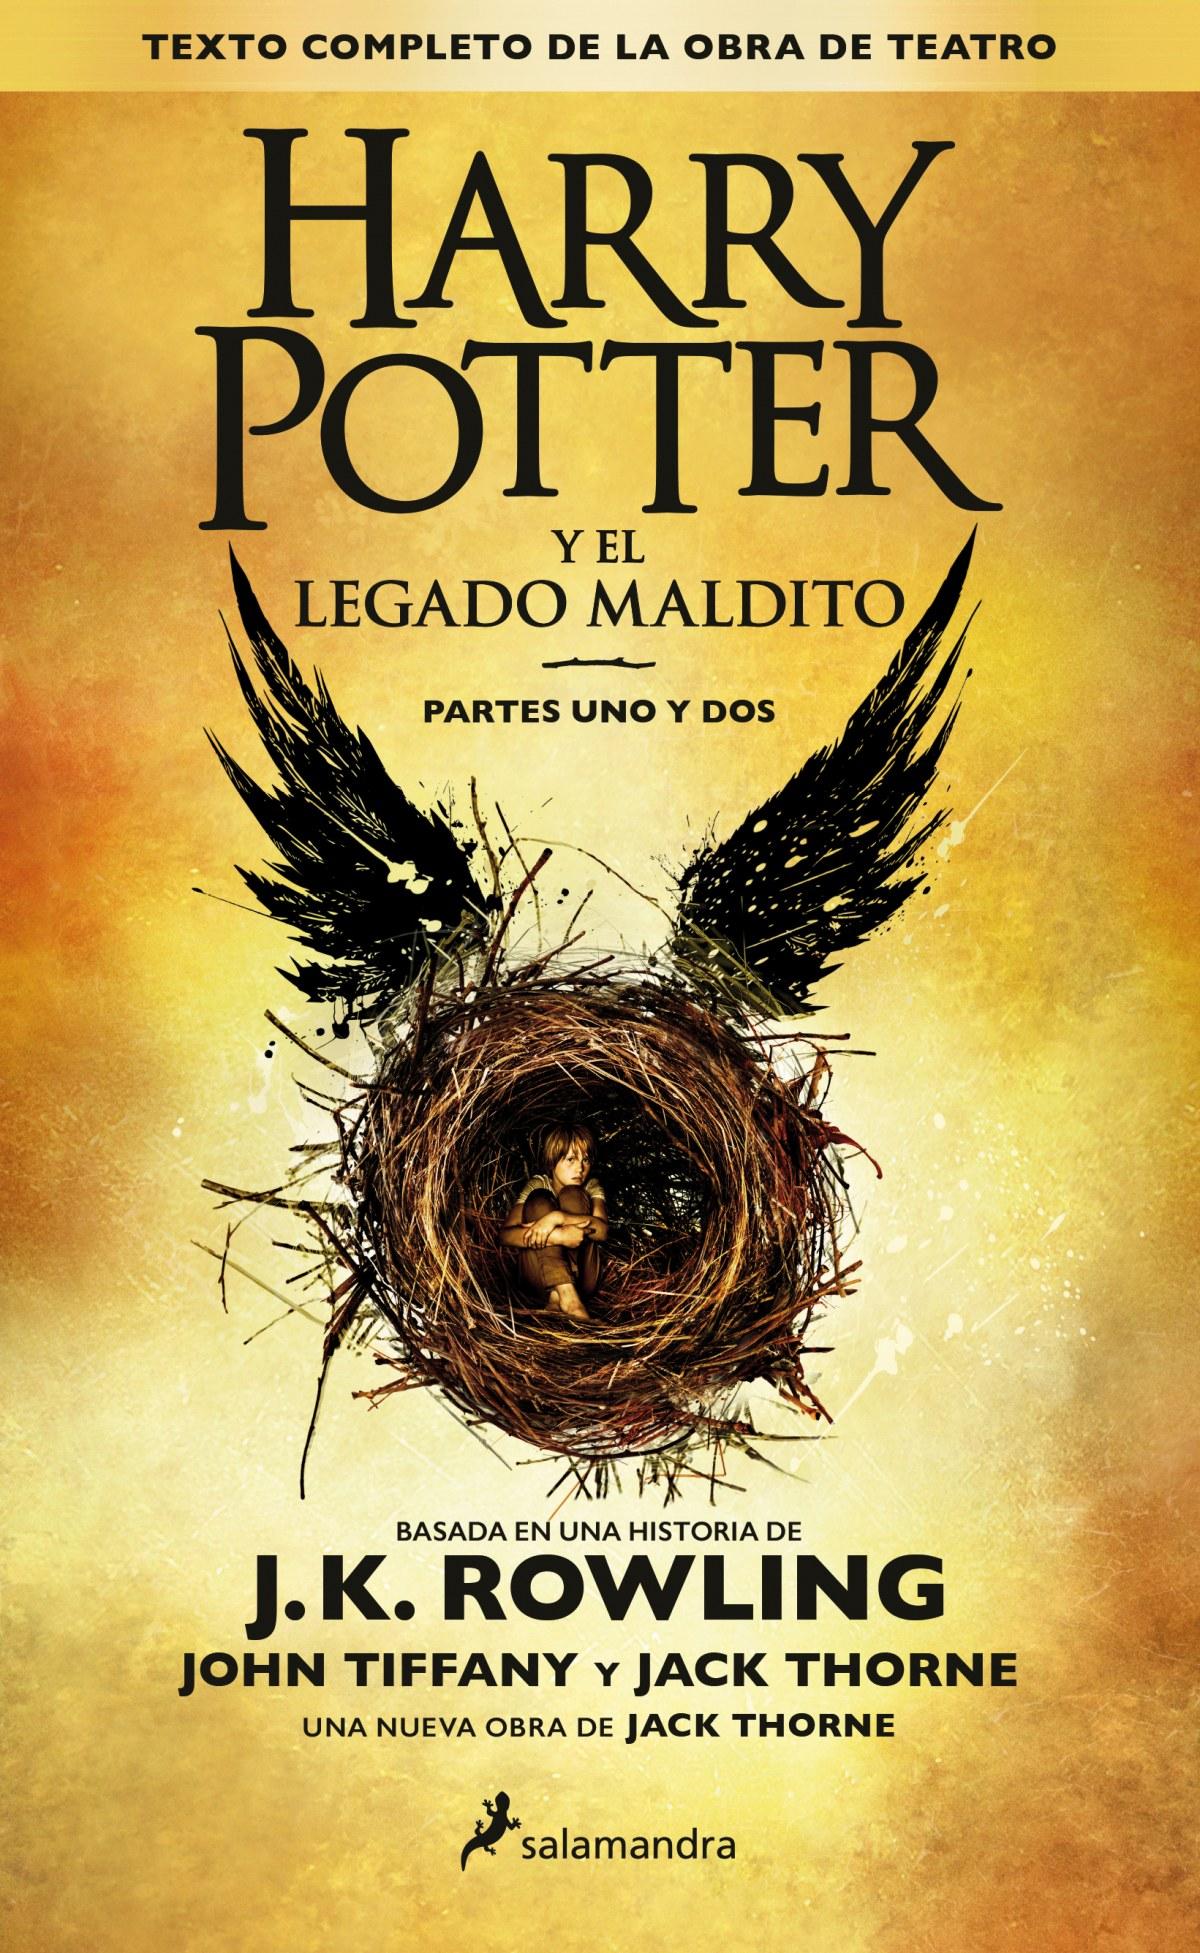 HARRY POTTER Y EL LEGADO MALDITO (PARTES UNO Y DOS) 9788498387544